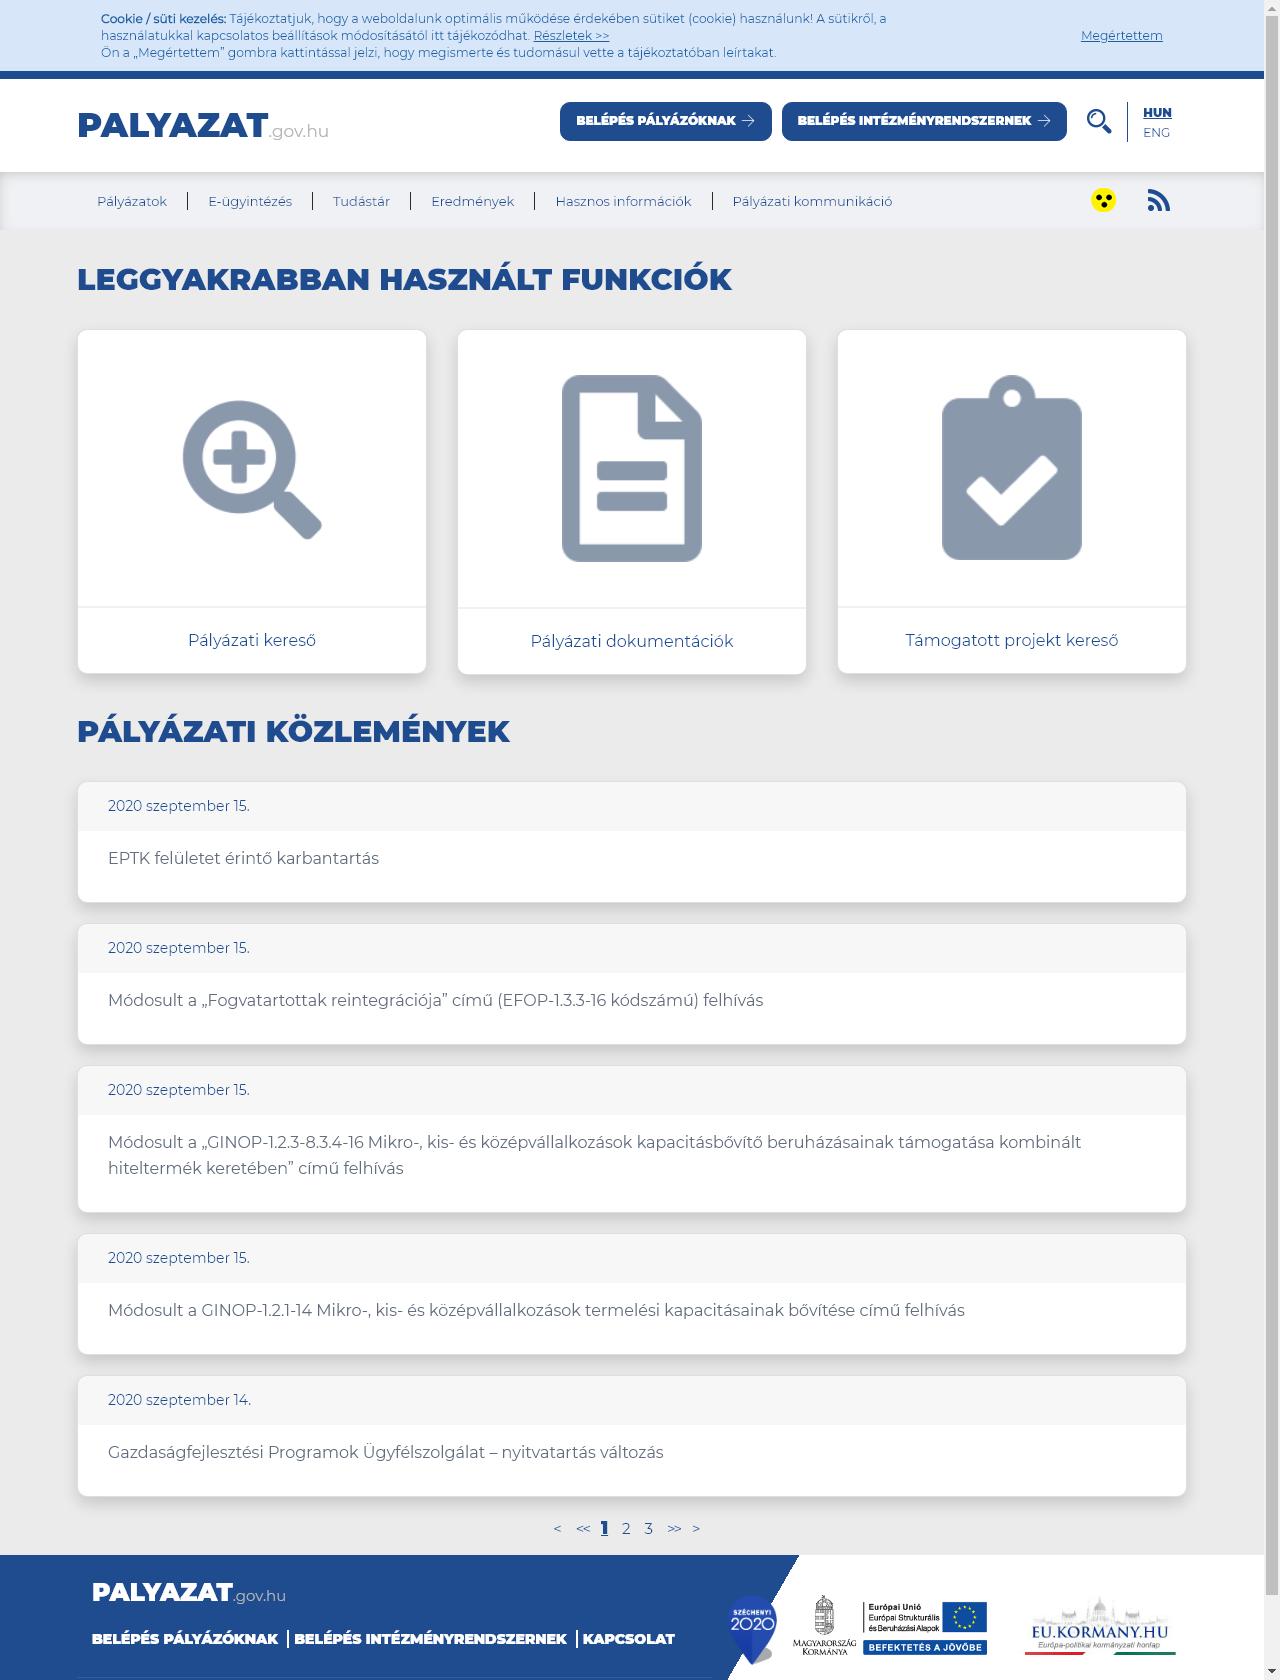 Screenshot Desktop - https://www.palyazat.gov.hu/